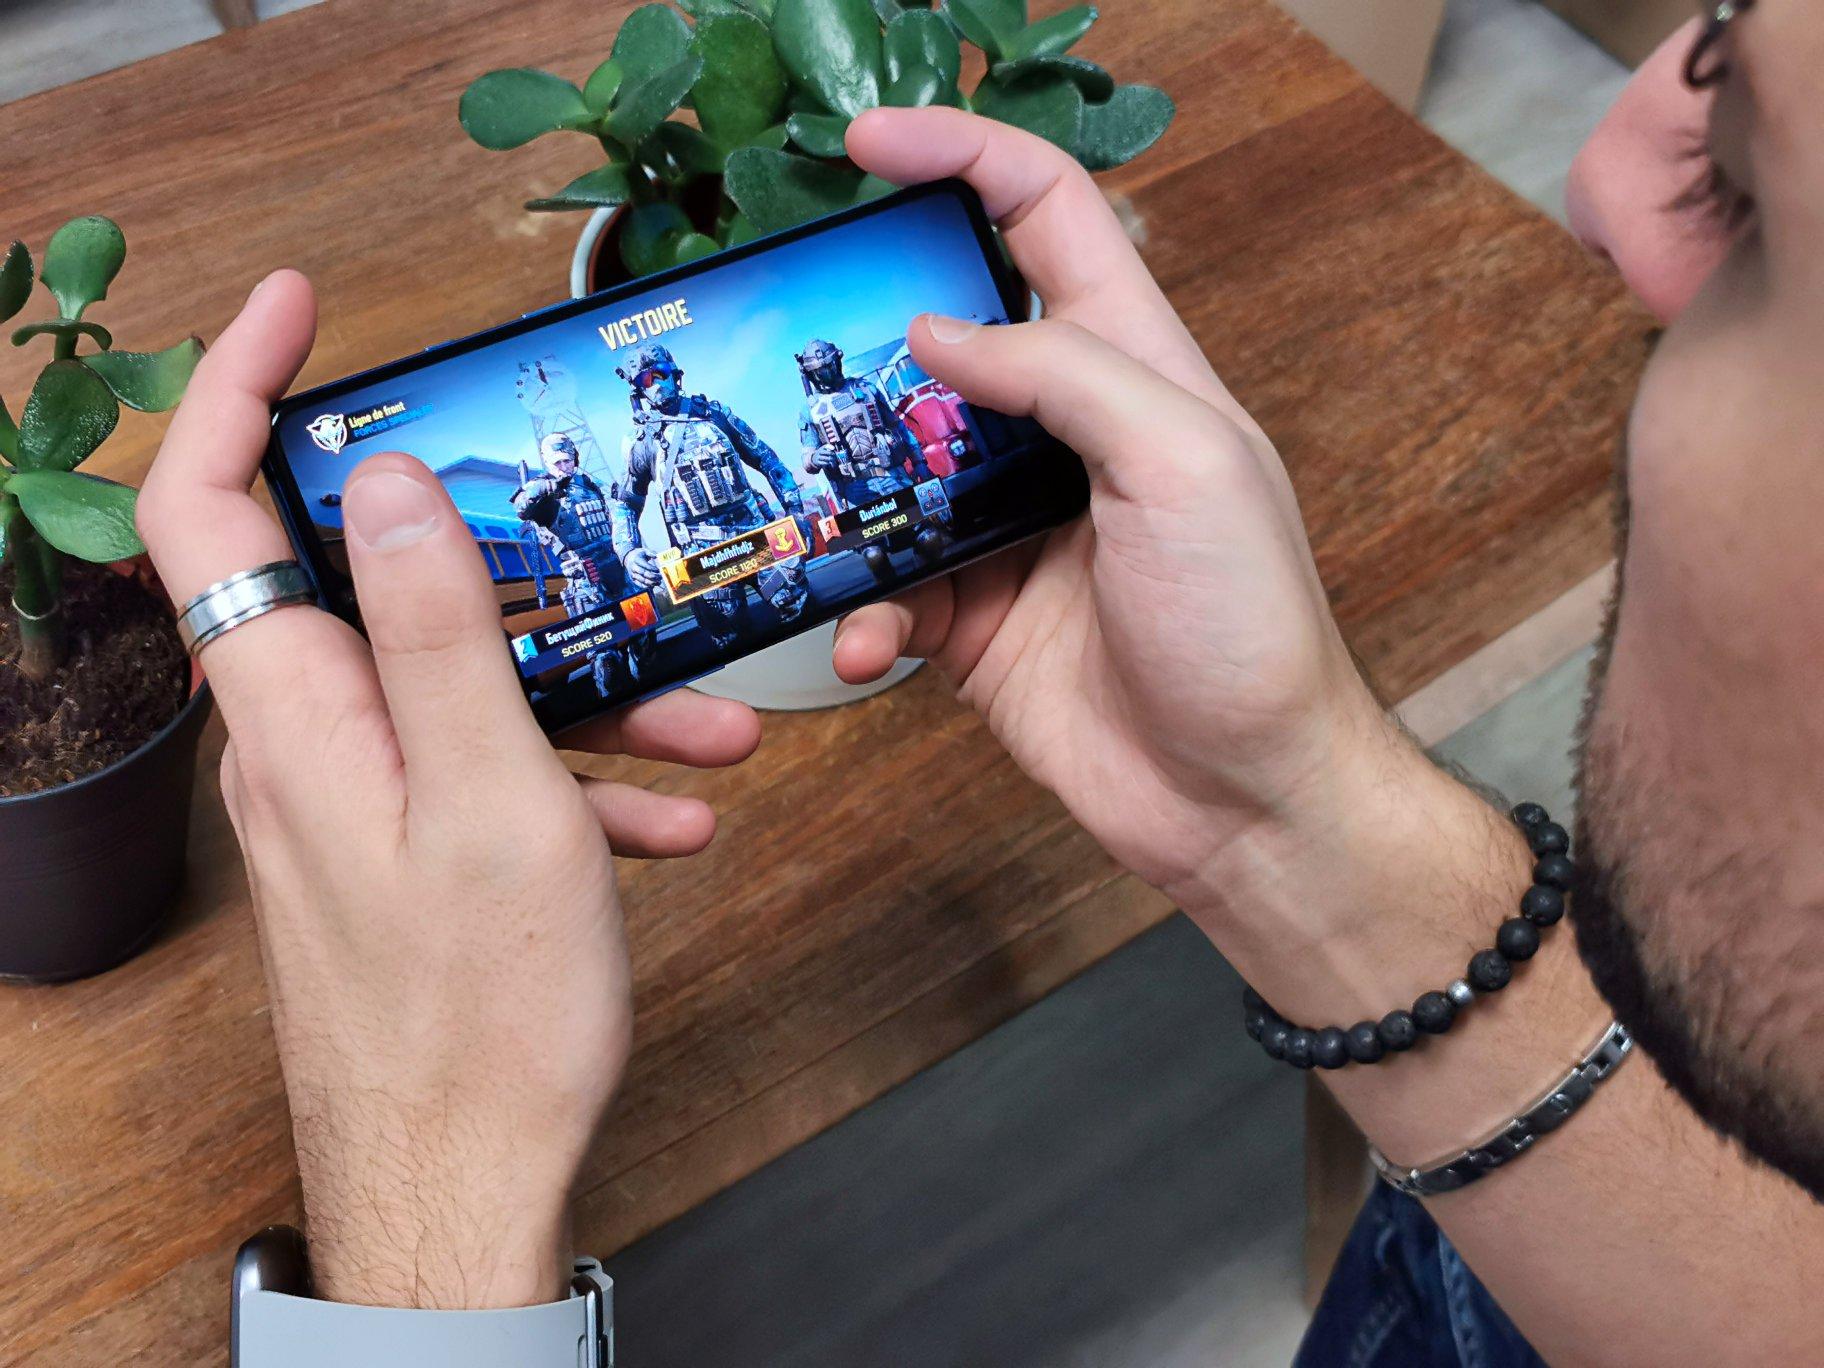 Les Meilleurs Fps Et Tps (Jeux De Tir) Sur Android Et Iphone serapportantà Jeux Gratuit Garcon